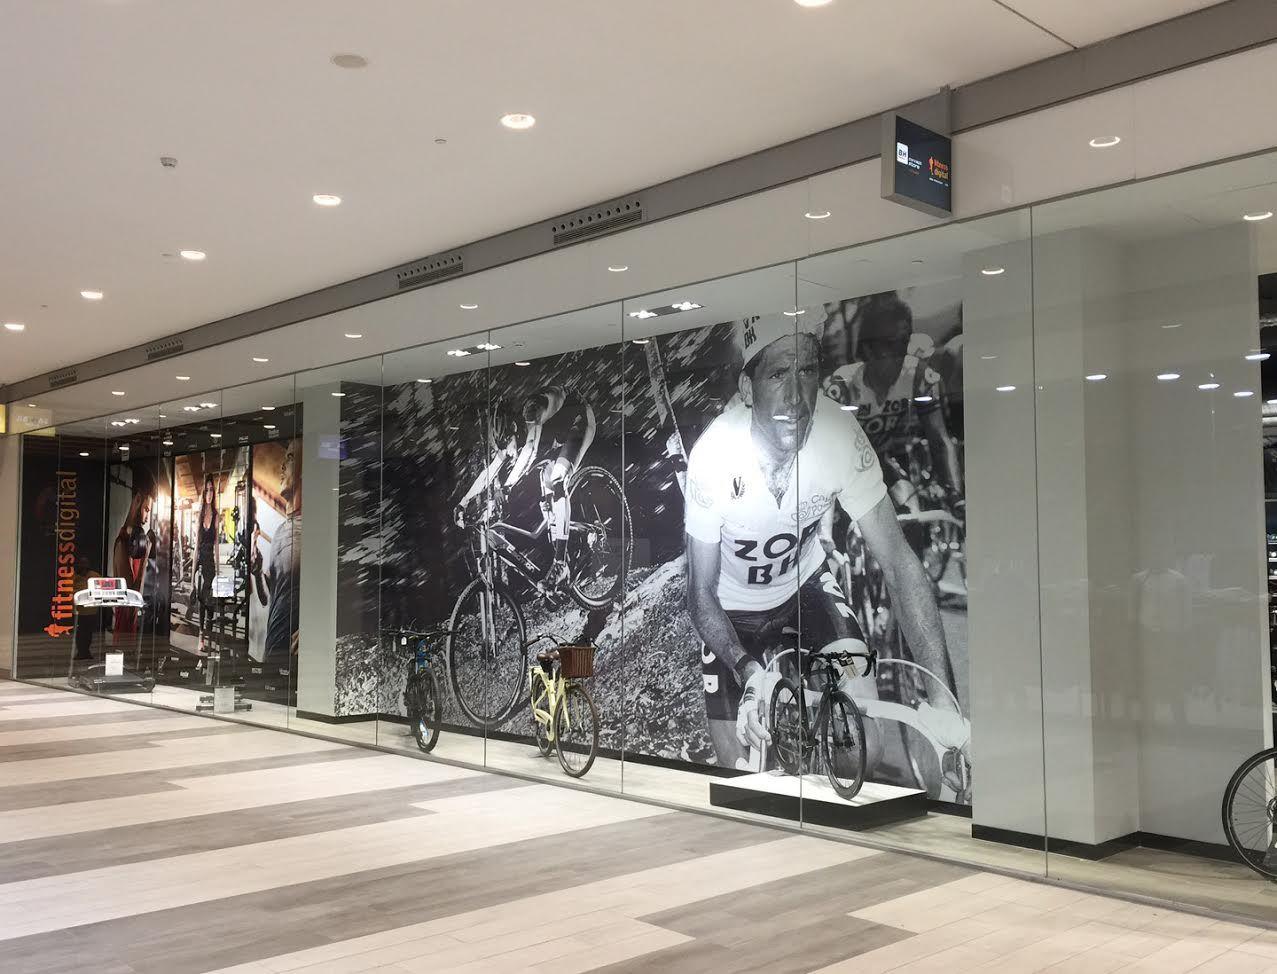 Imagen de la tienda situada en está situado en el Centro Comercial Sambil de Leganés